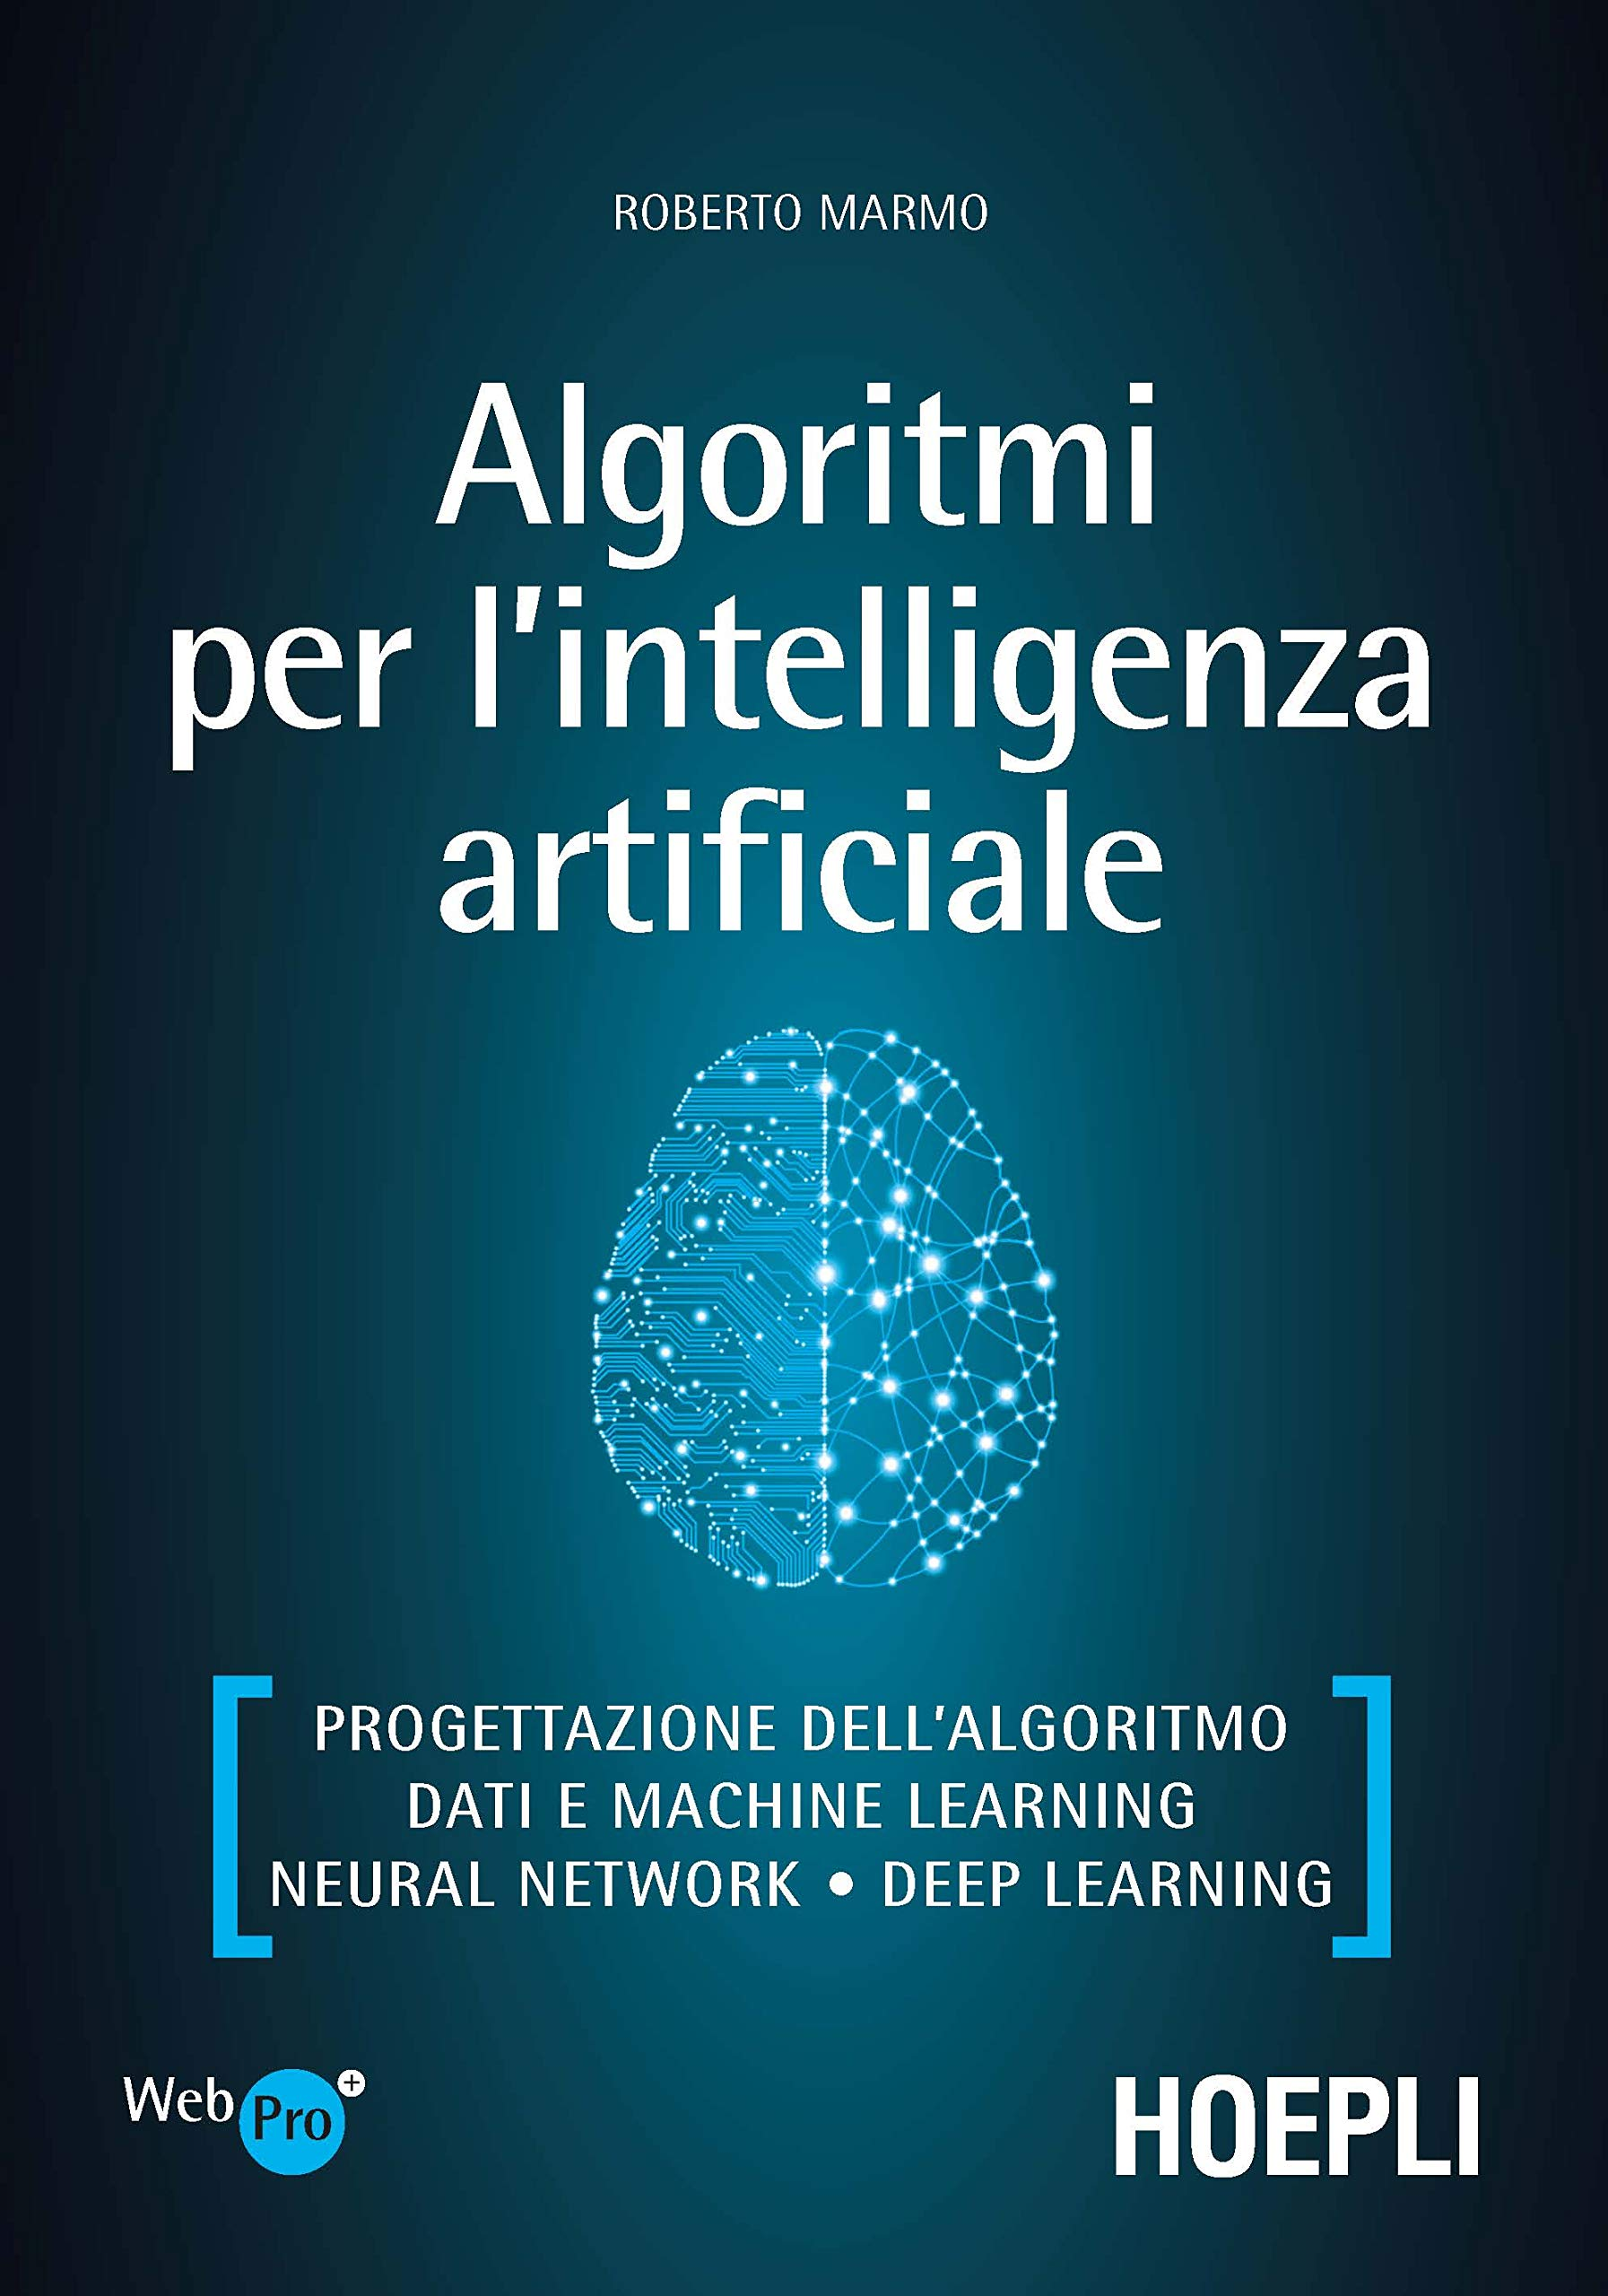 Algoritmi per l'intelligenza artificiale. Progettazione dell'algoritmo, dati e machine learning, neural network, deep learning